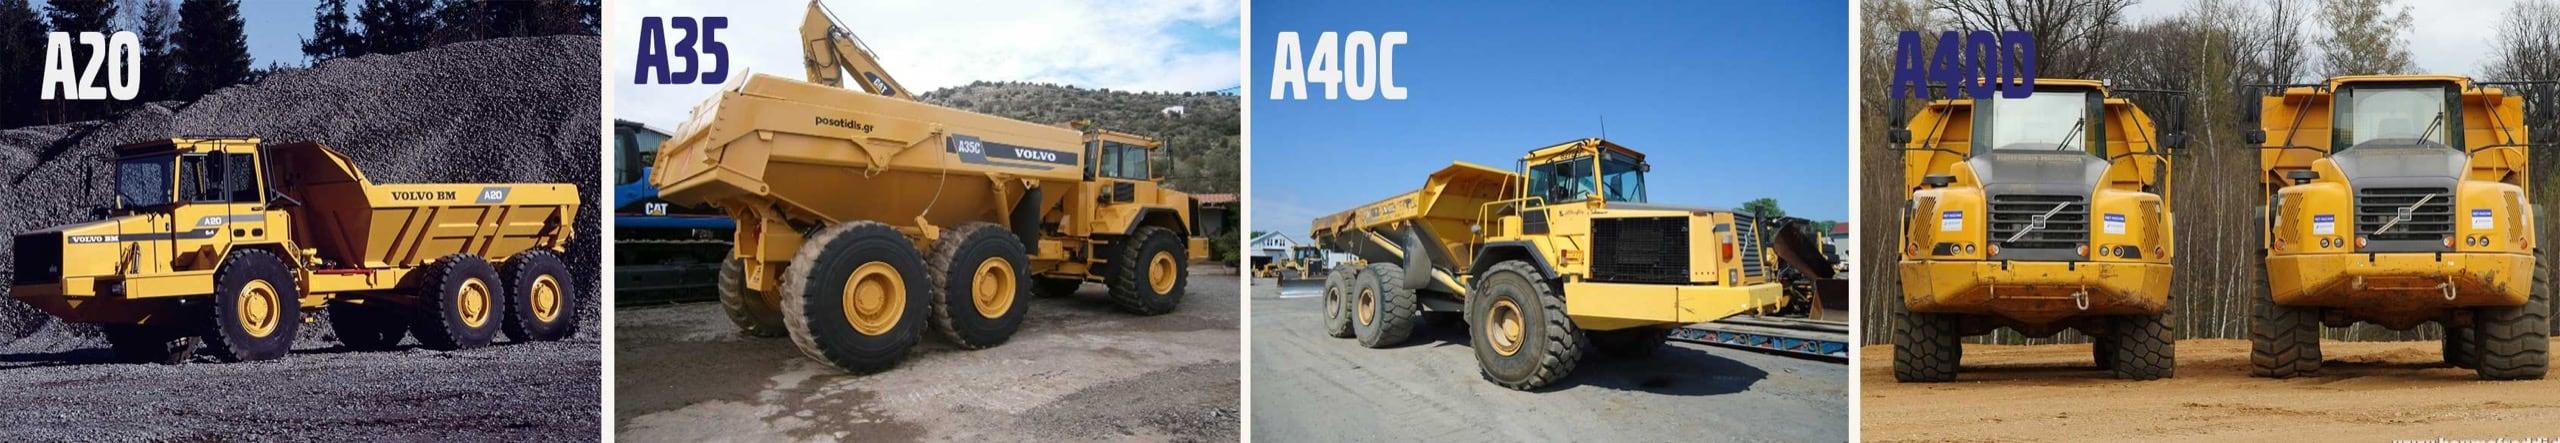 A20-A40D-Banner